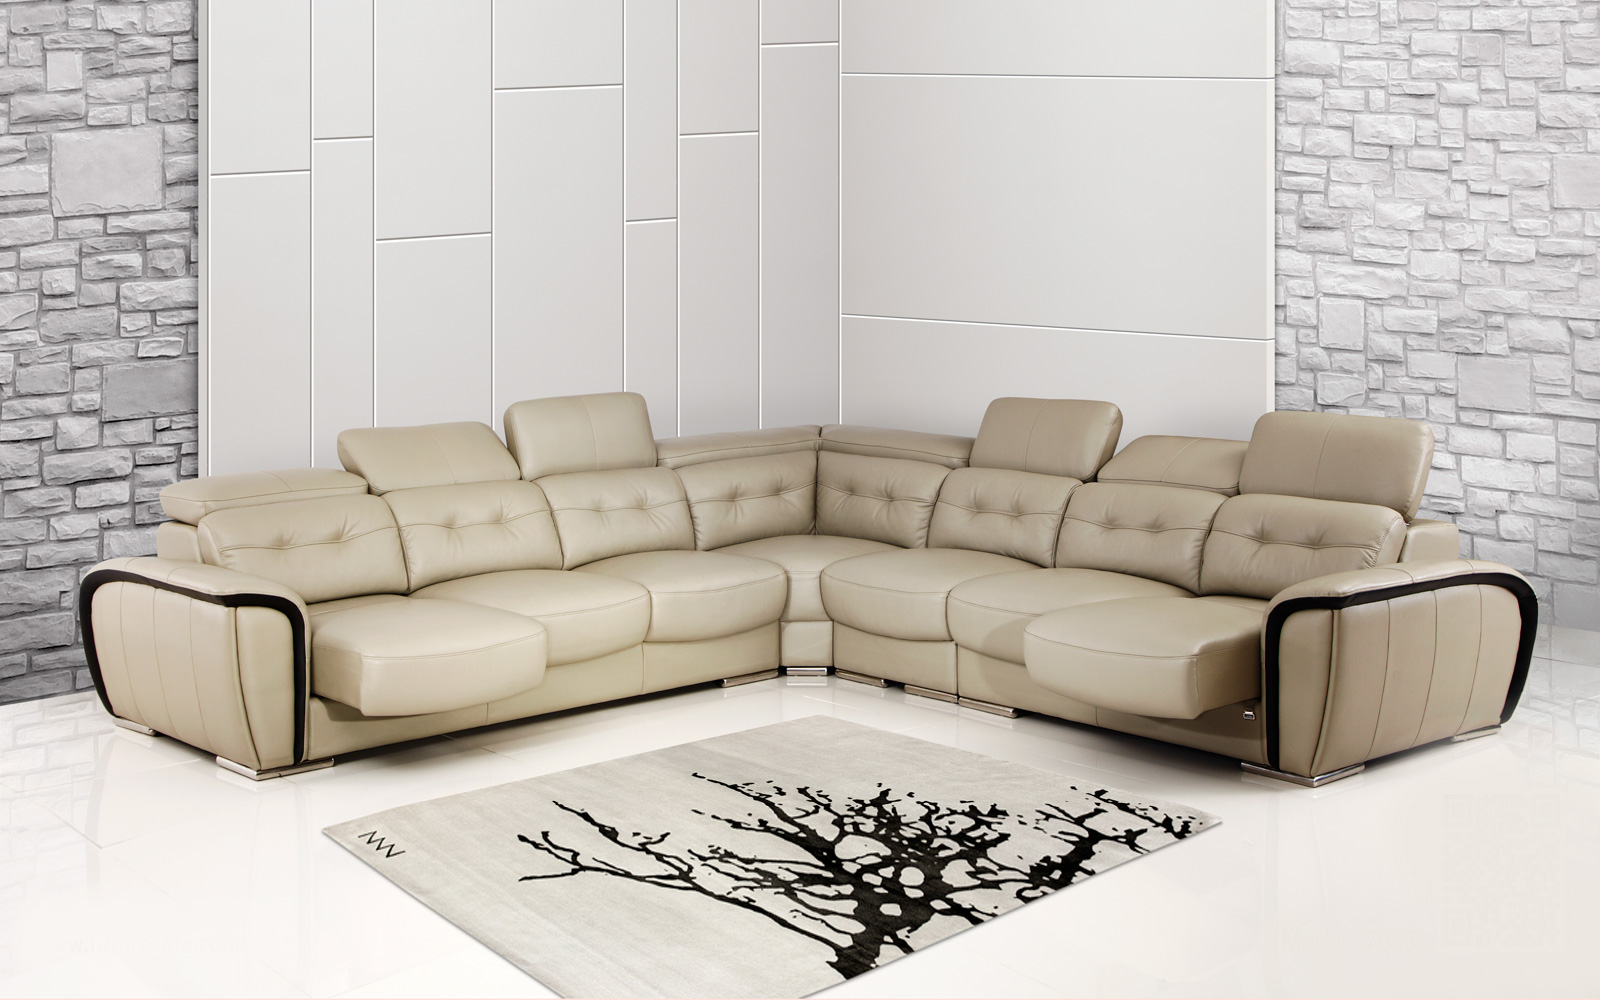 Sofa nhập khẩu có màu sắc bền đẹp cùng thời gian